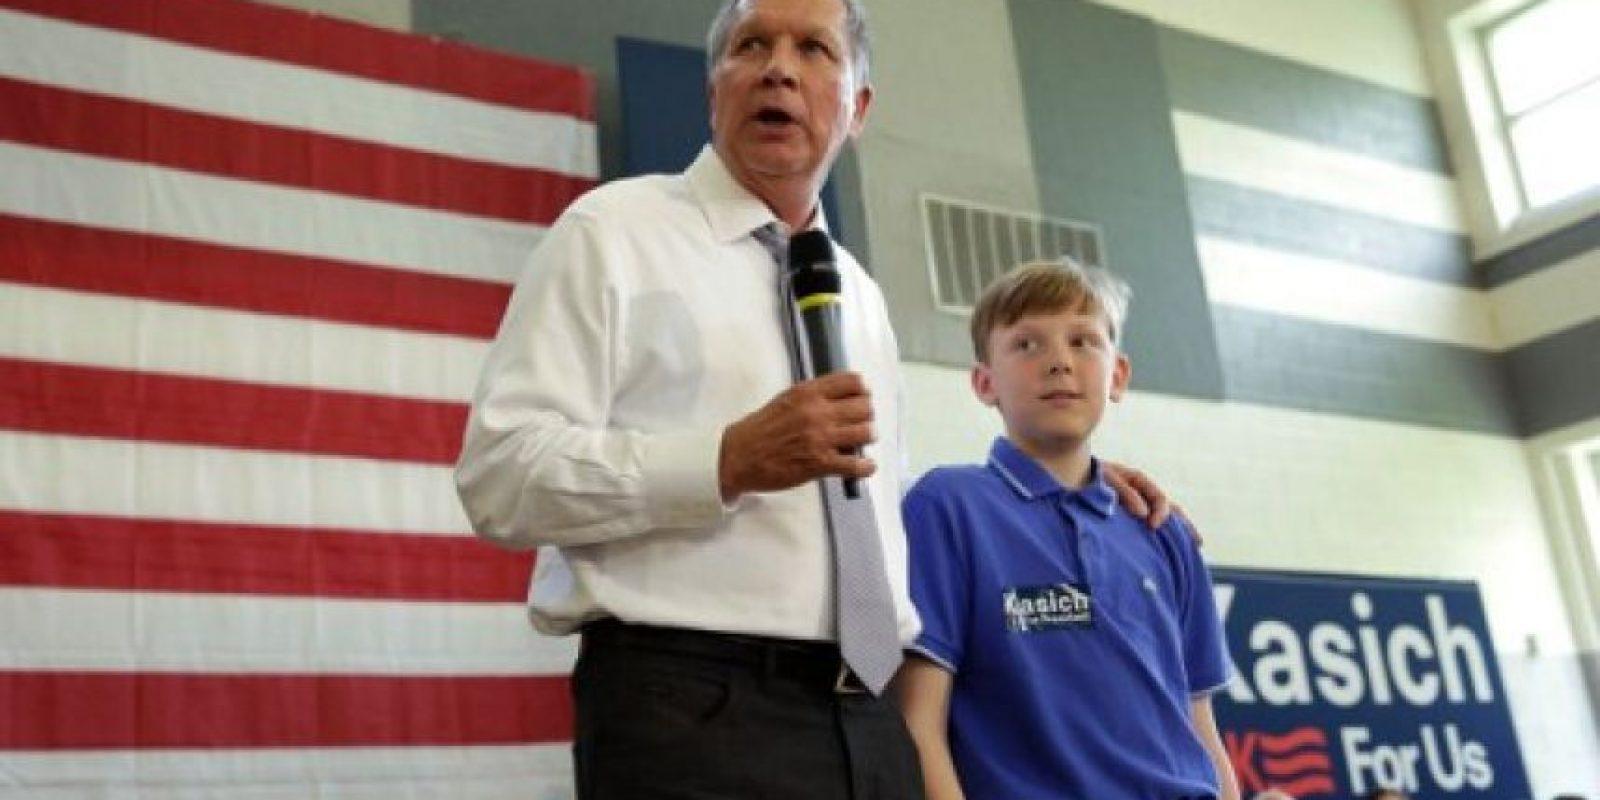 John Richard Kasich es el actual gobernador del estado de Ohio, Estados Unidos. Foto:AFP